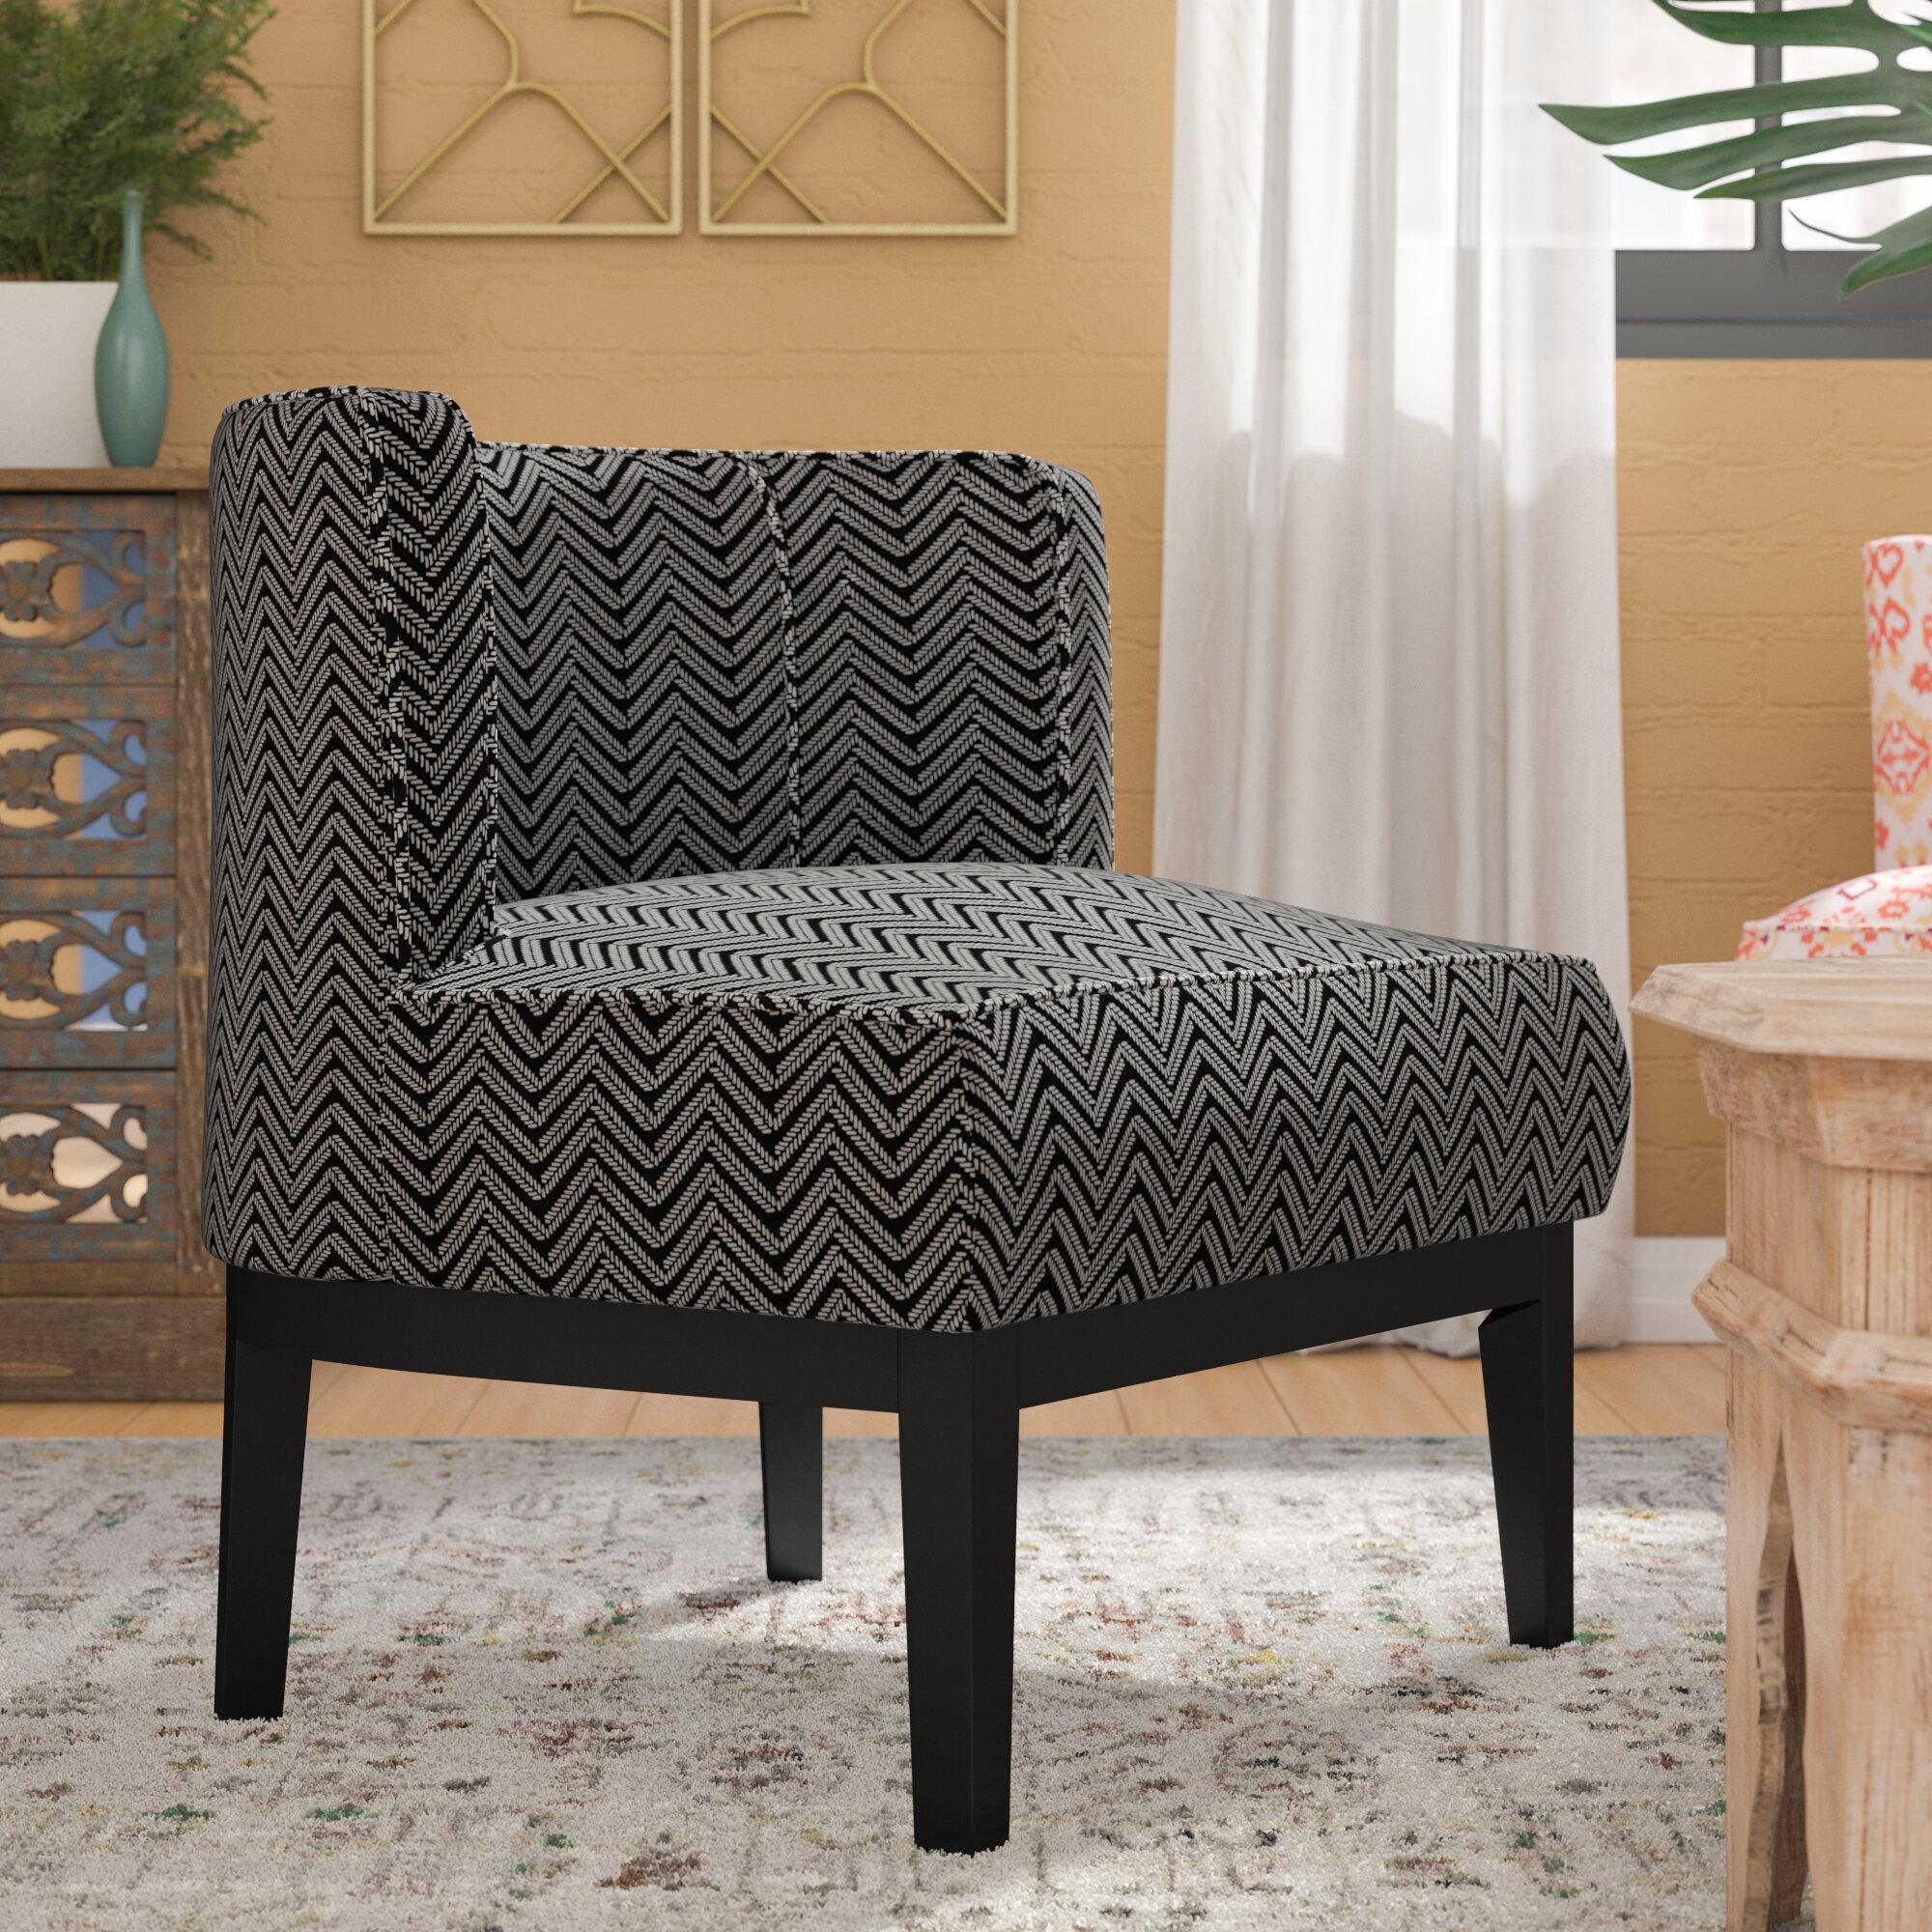 Bungalow Rose Blondene Herringbone Low Back Barrel Chair | Wayfair